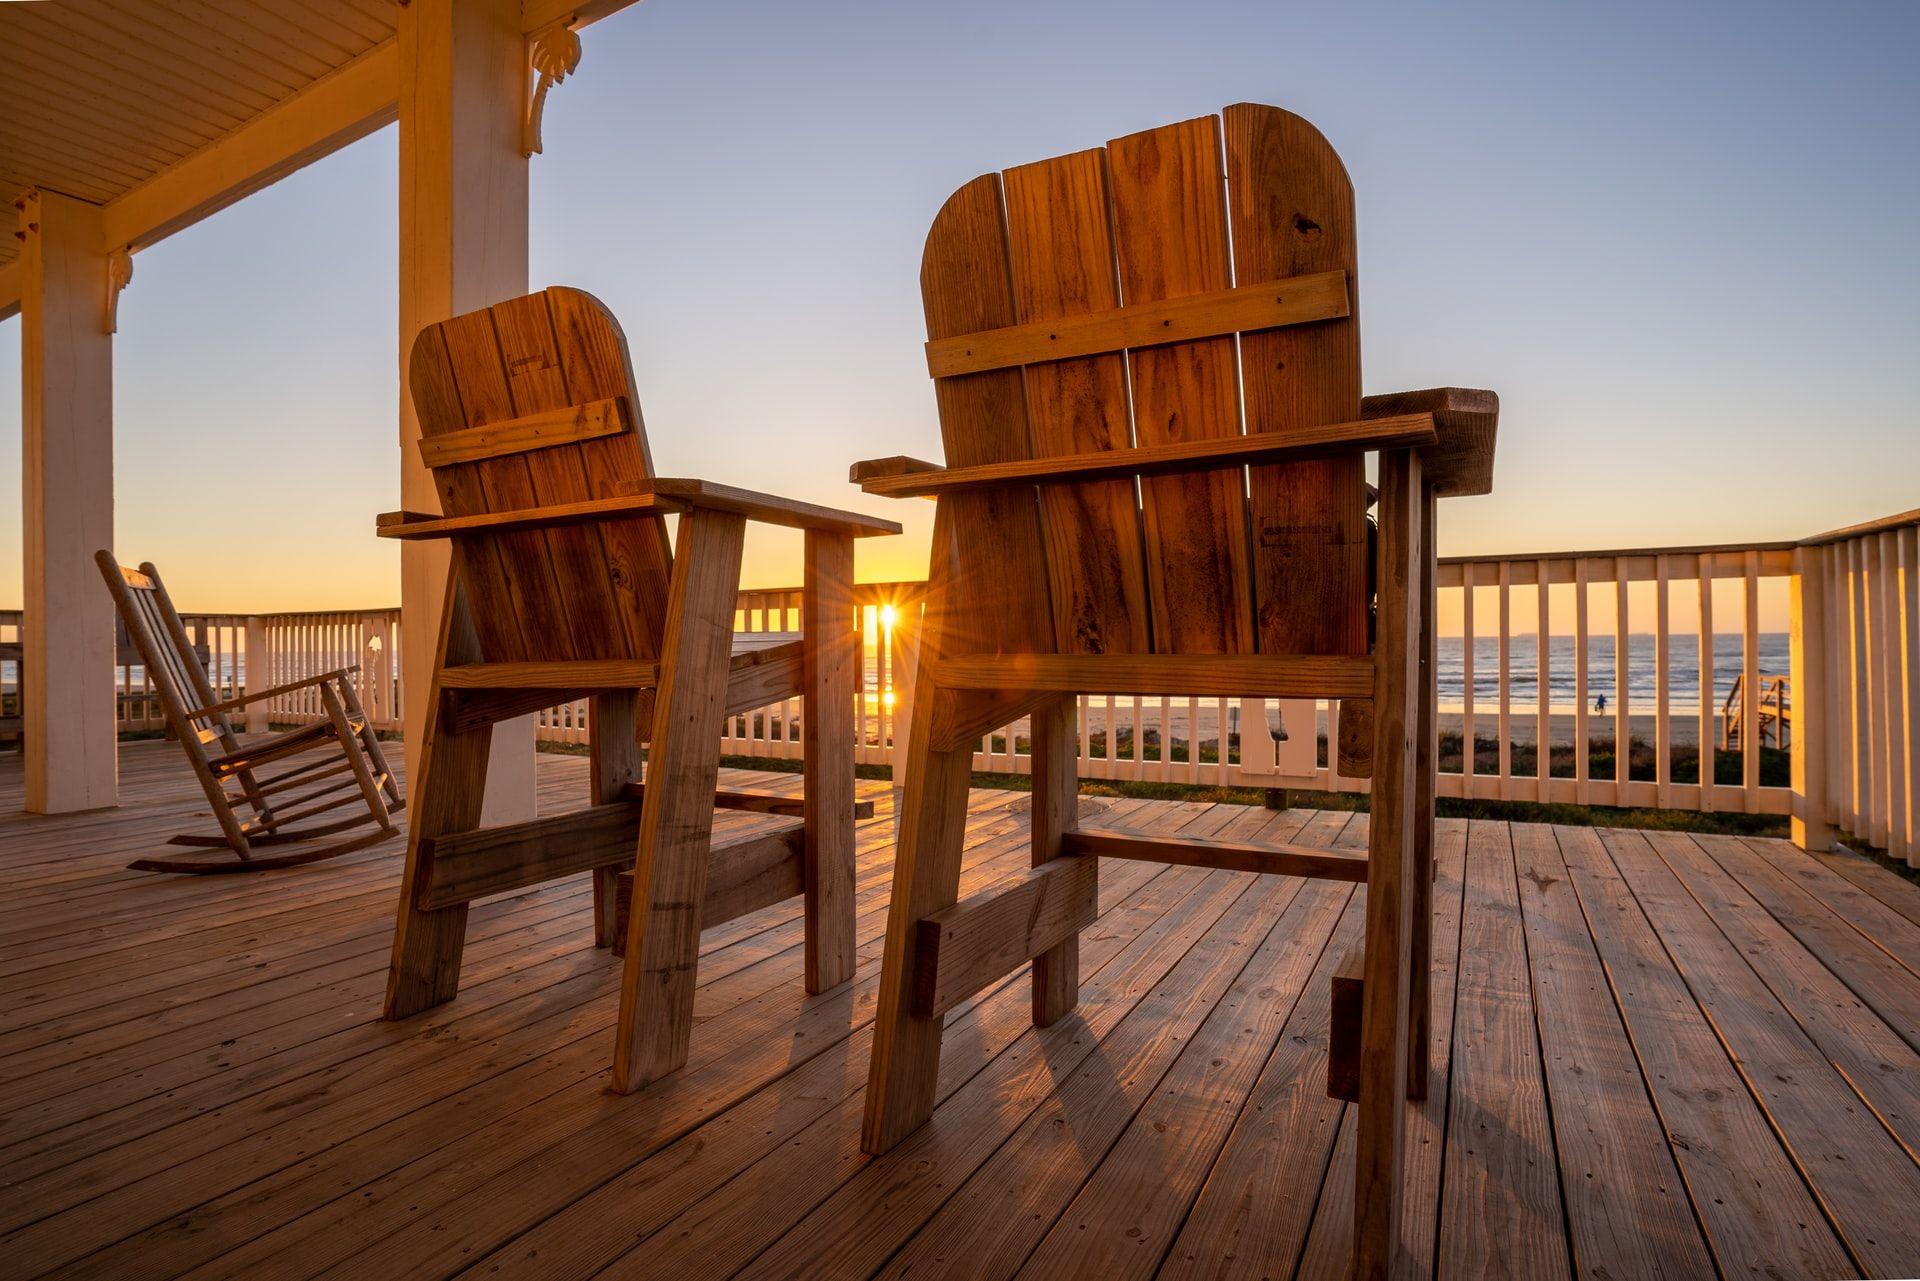 Los mejores trucos para restaurar muebles de madera sin dañarlos